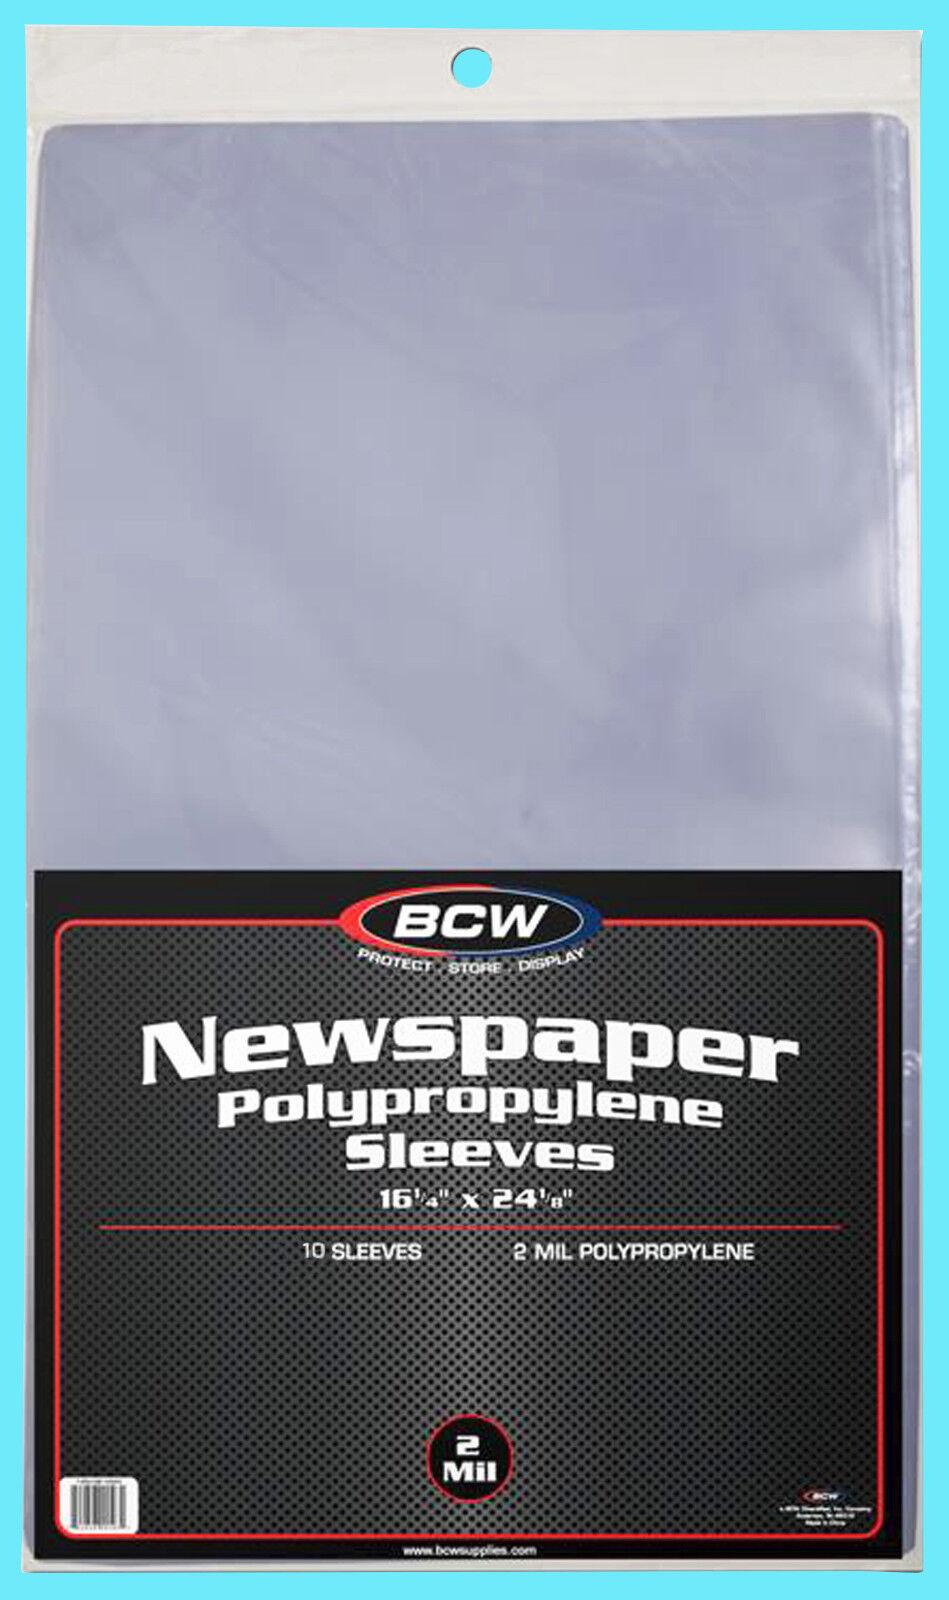 10 BCW 16X24 NEWSPAPER STORAGE SLEEVES 2 MIL Art Photo Print 16-1/4